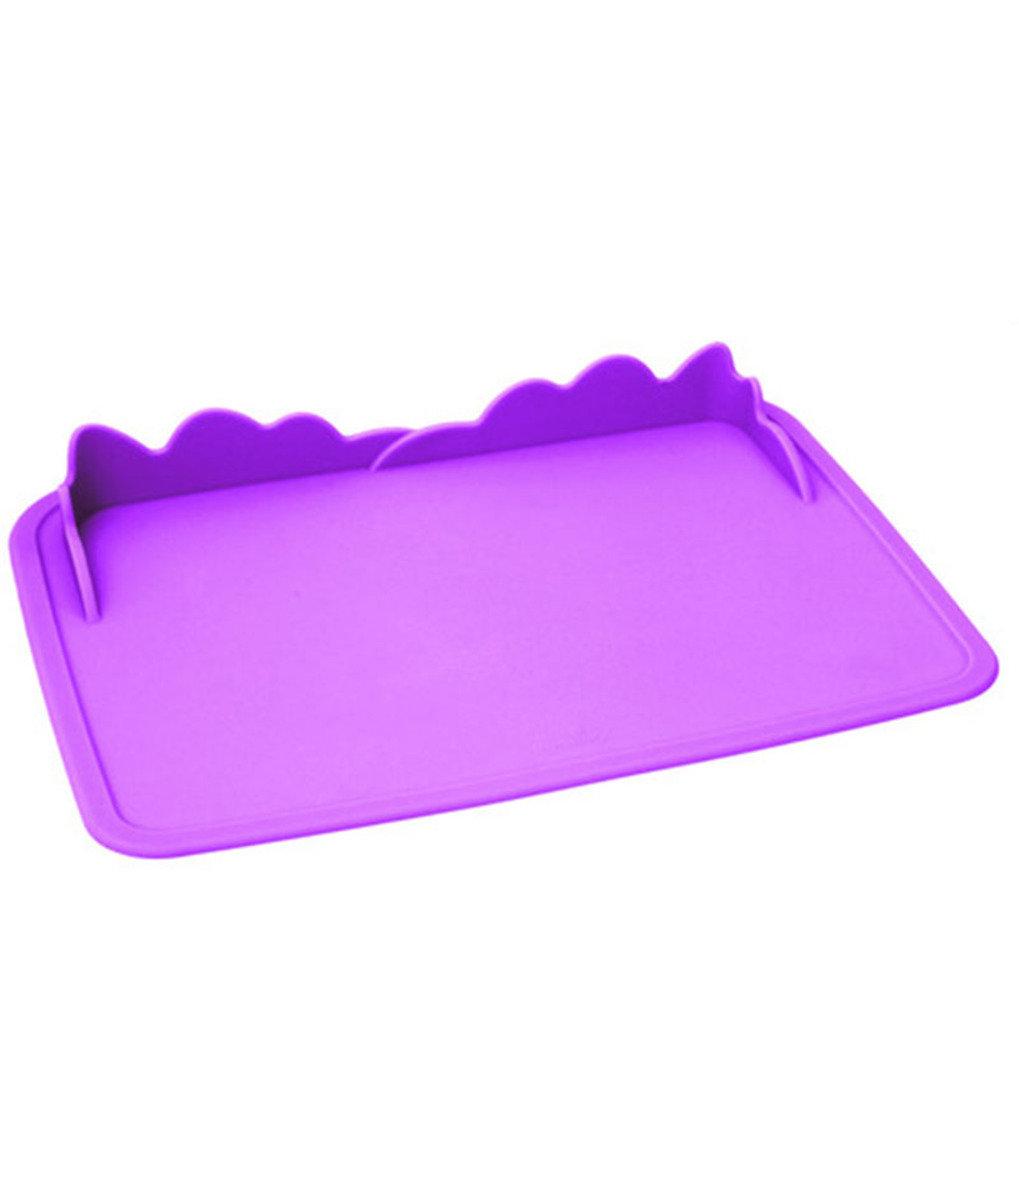 美國紐約My Natural™純天然有機餐墊 - 紫色